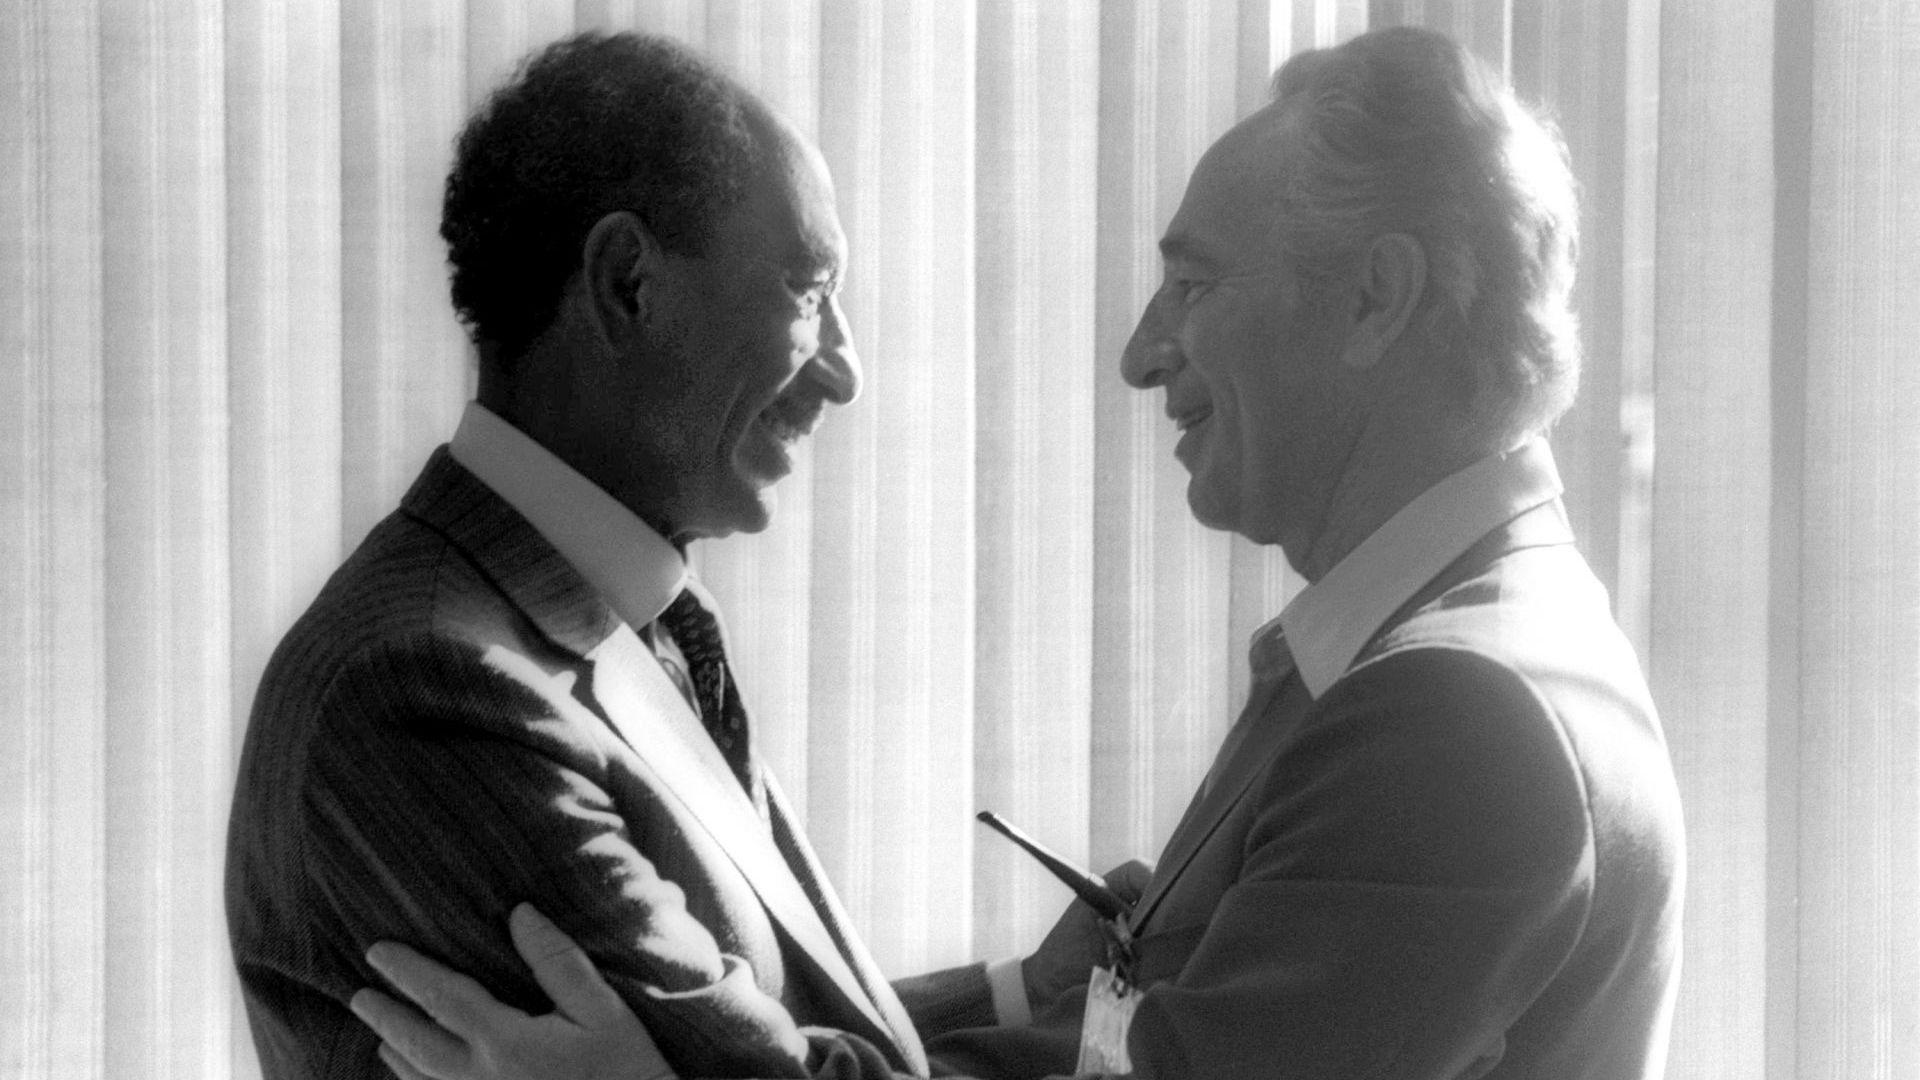 Египетският президент Анвар Садат се среща с израелския лидер Шимон Перес на 25 май 1979-а